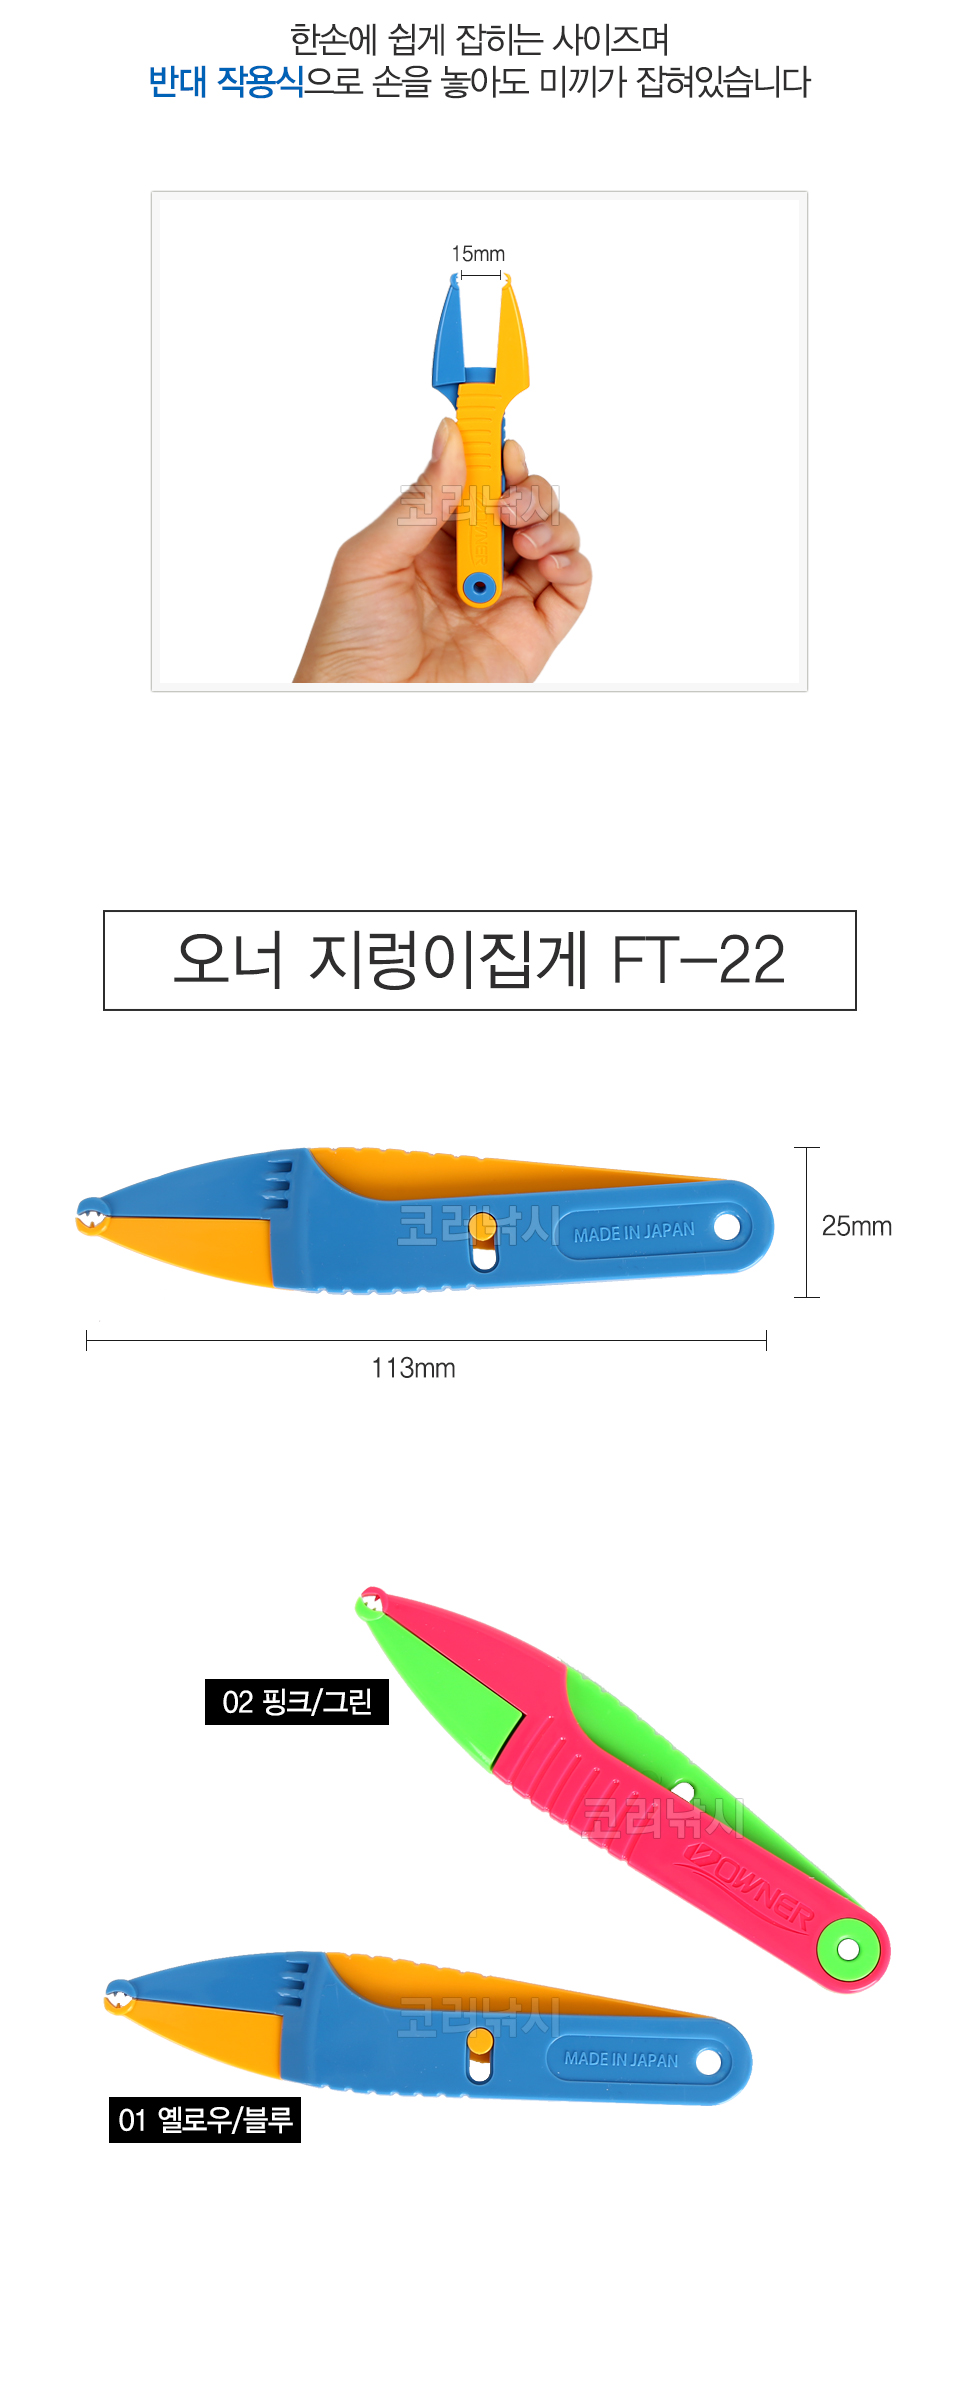 오너 지렁이집게 (FT-22) 오너무시핀치 청개비집게 지렁이집게 홍개비집게 벌레핀치 혼무시